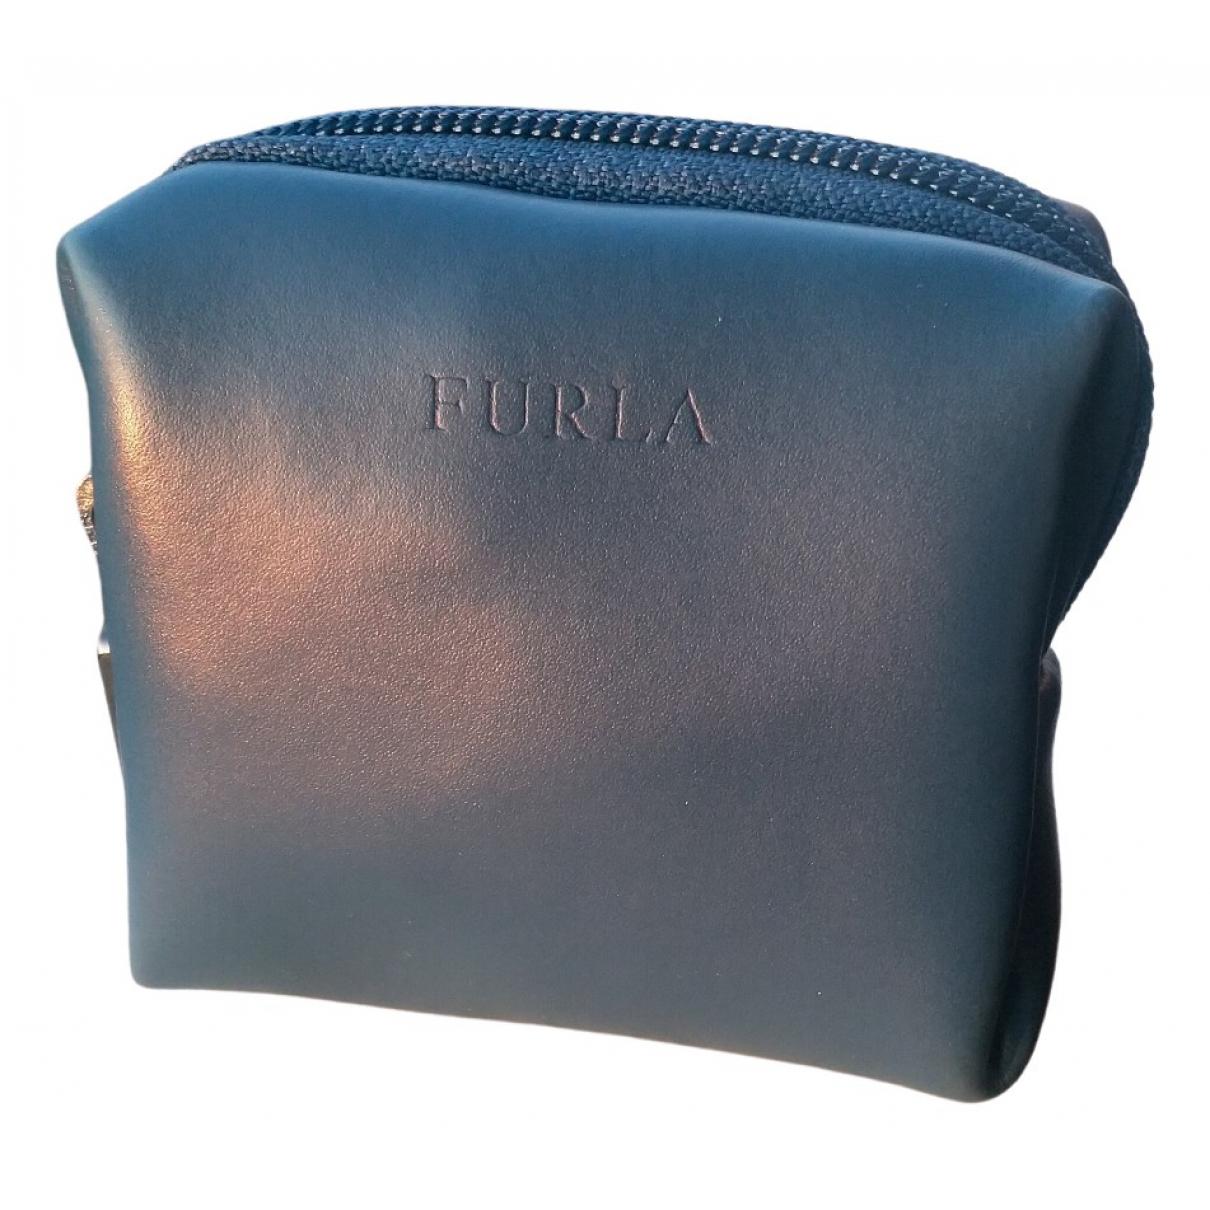 Furla \N Blue Leather wallet for Women \N